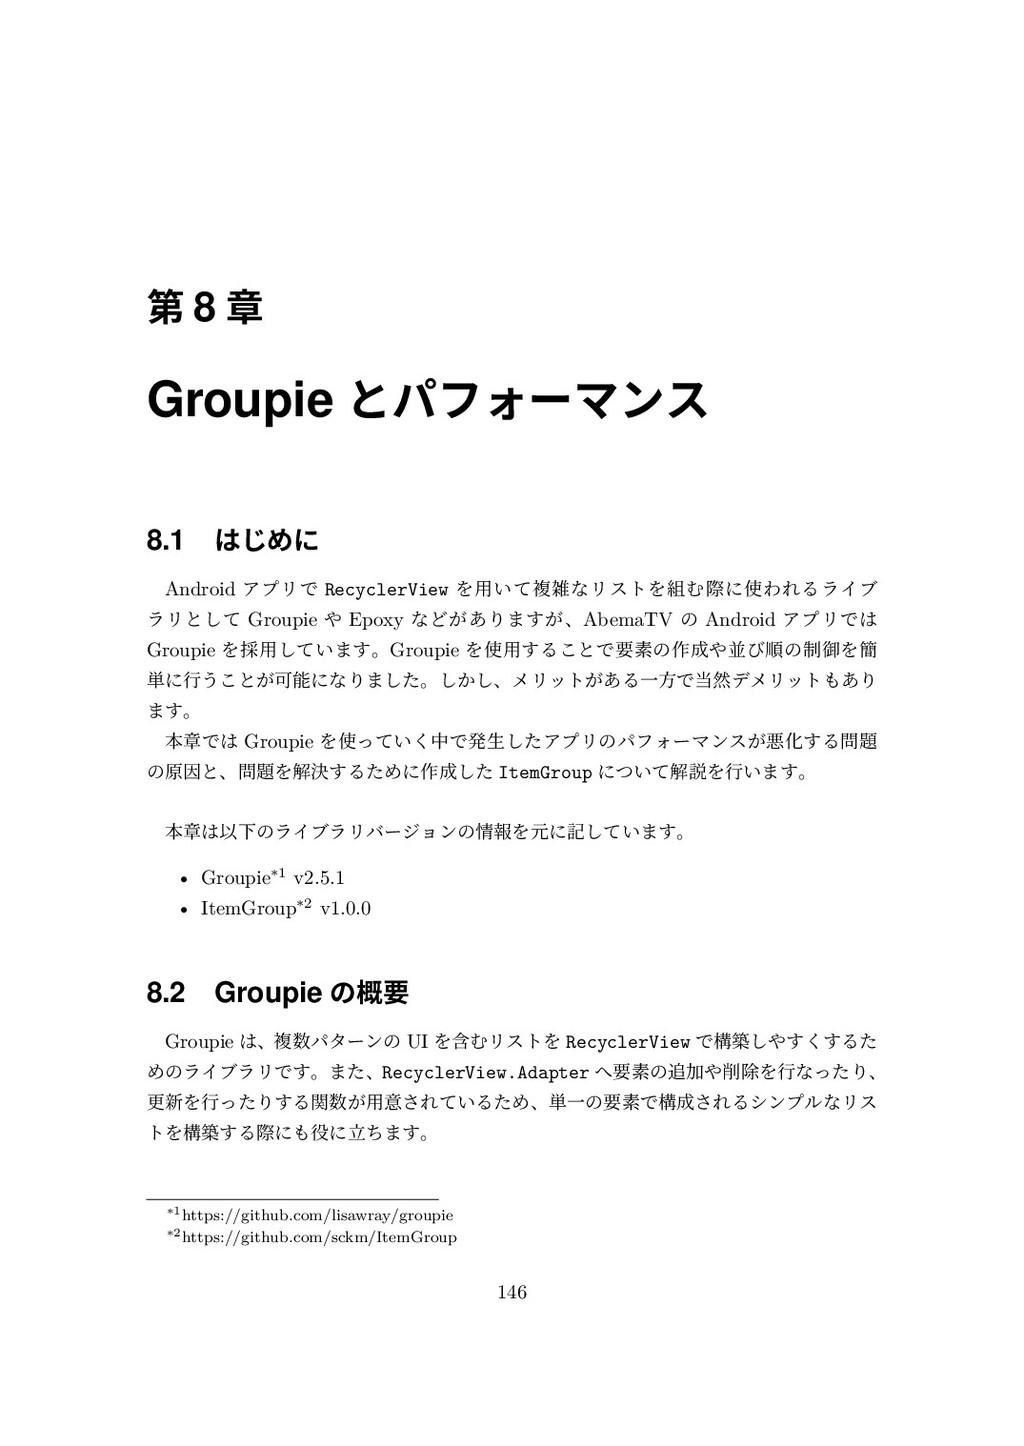 瑬 8 珕 Groupie כقنؚ٭ُ٤ت 8.1 ע״מ Android ؓوٛך Re...